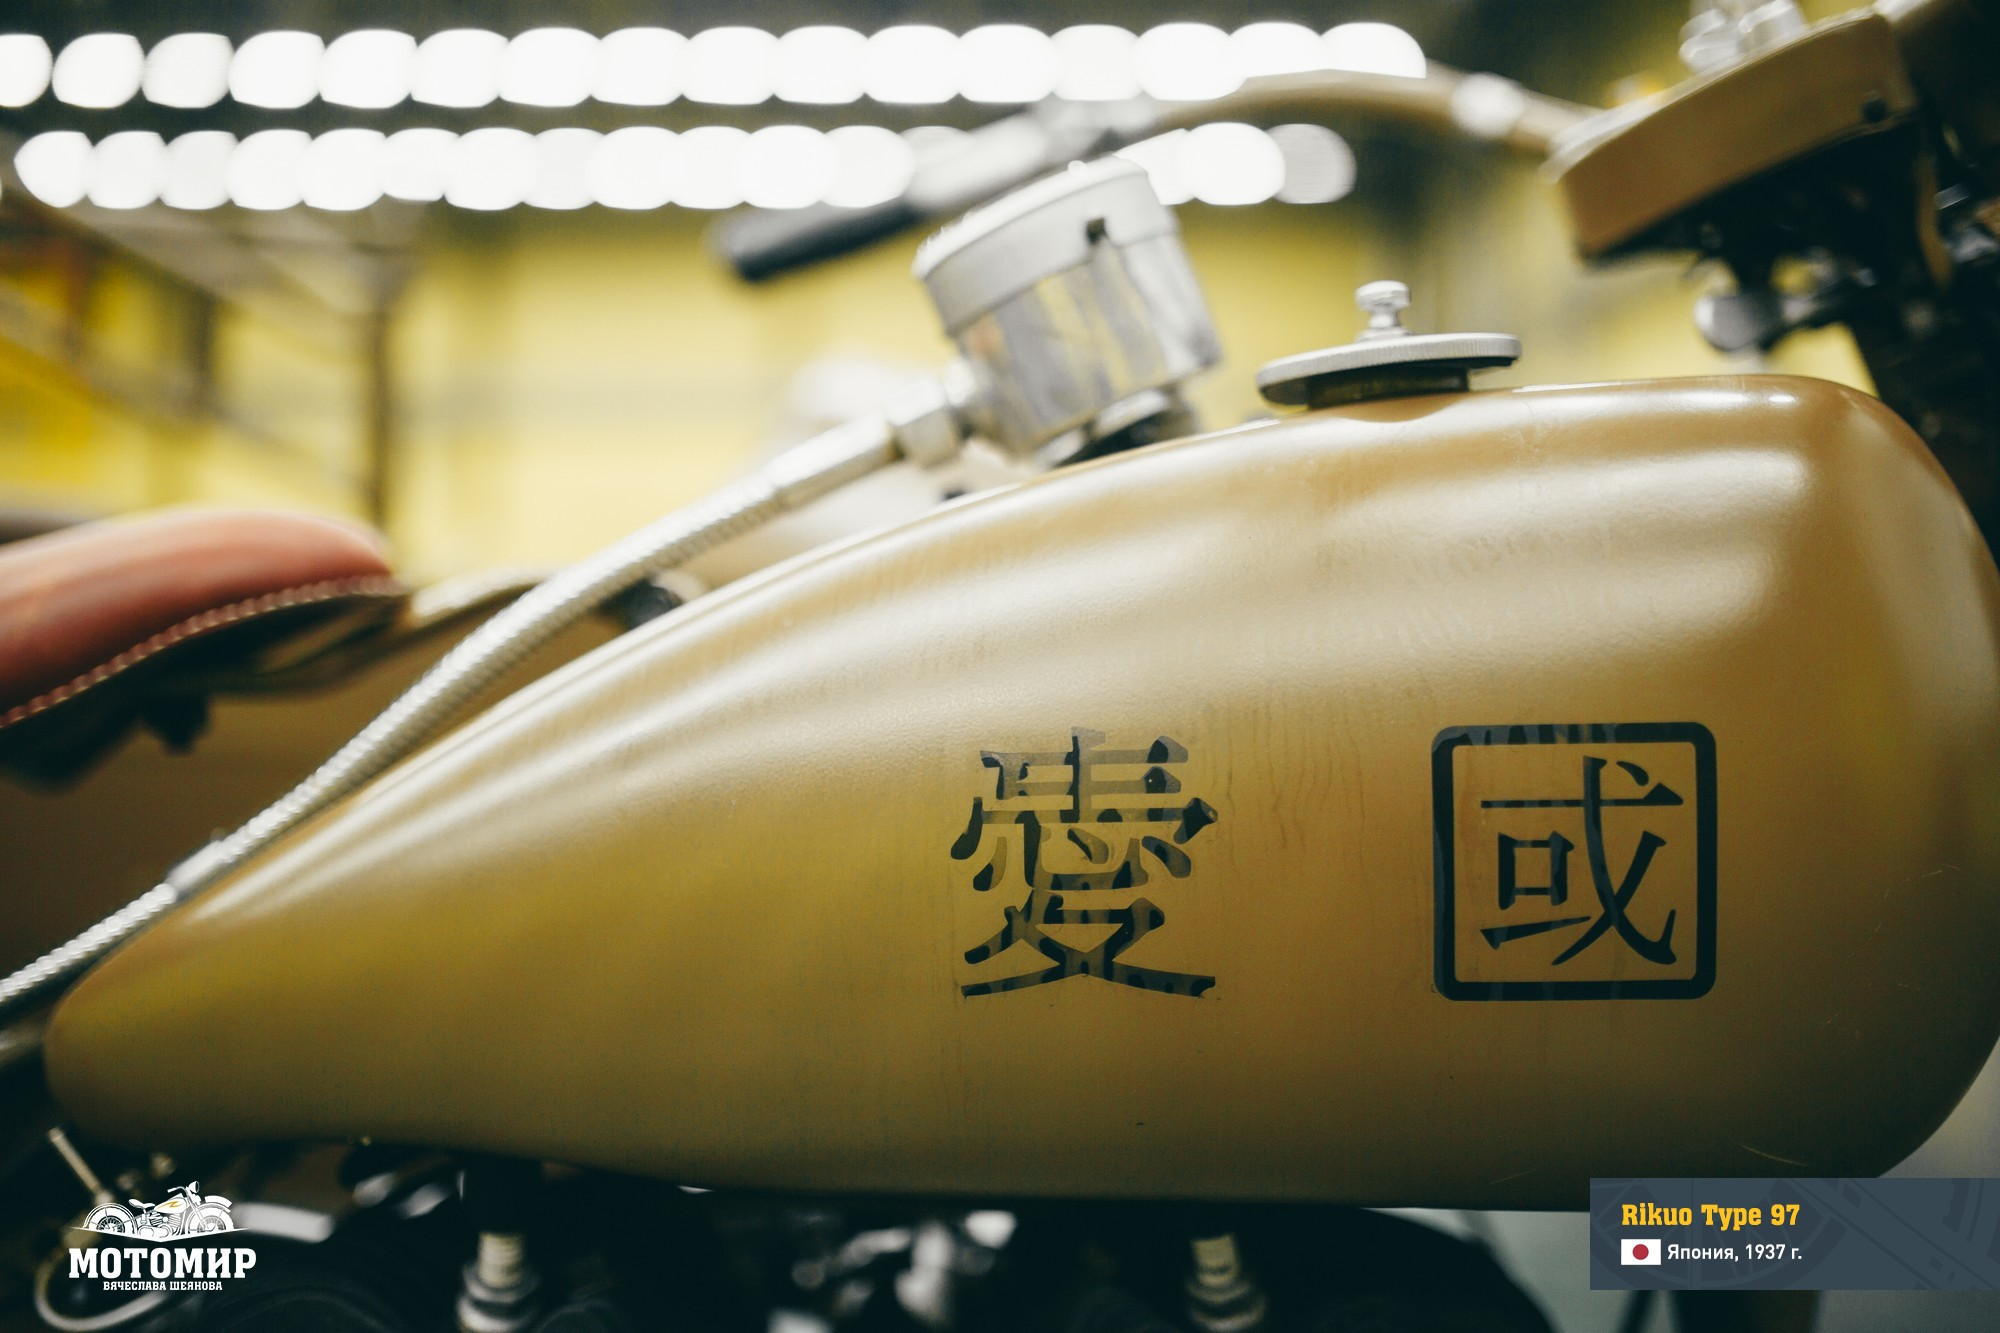 rikuo-1937-201512-web-17